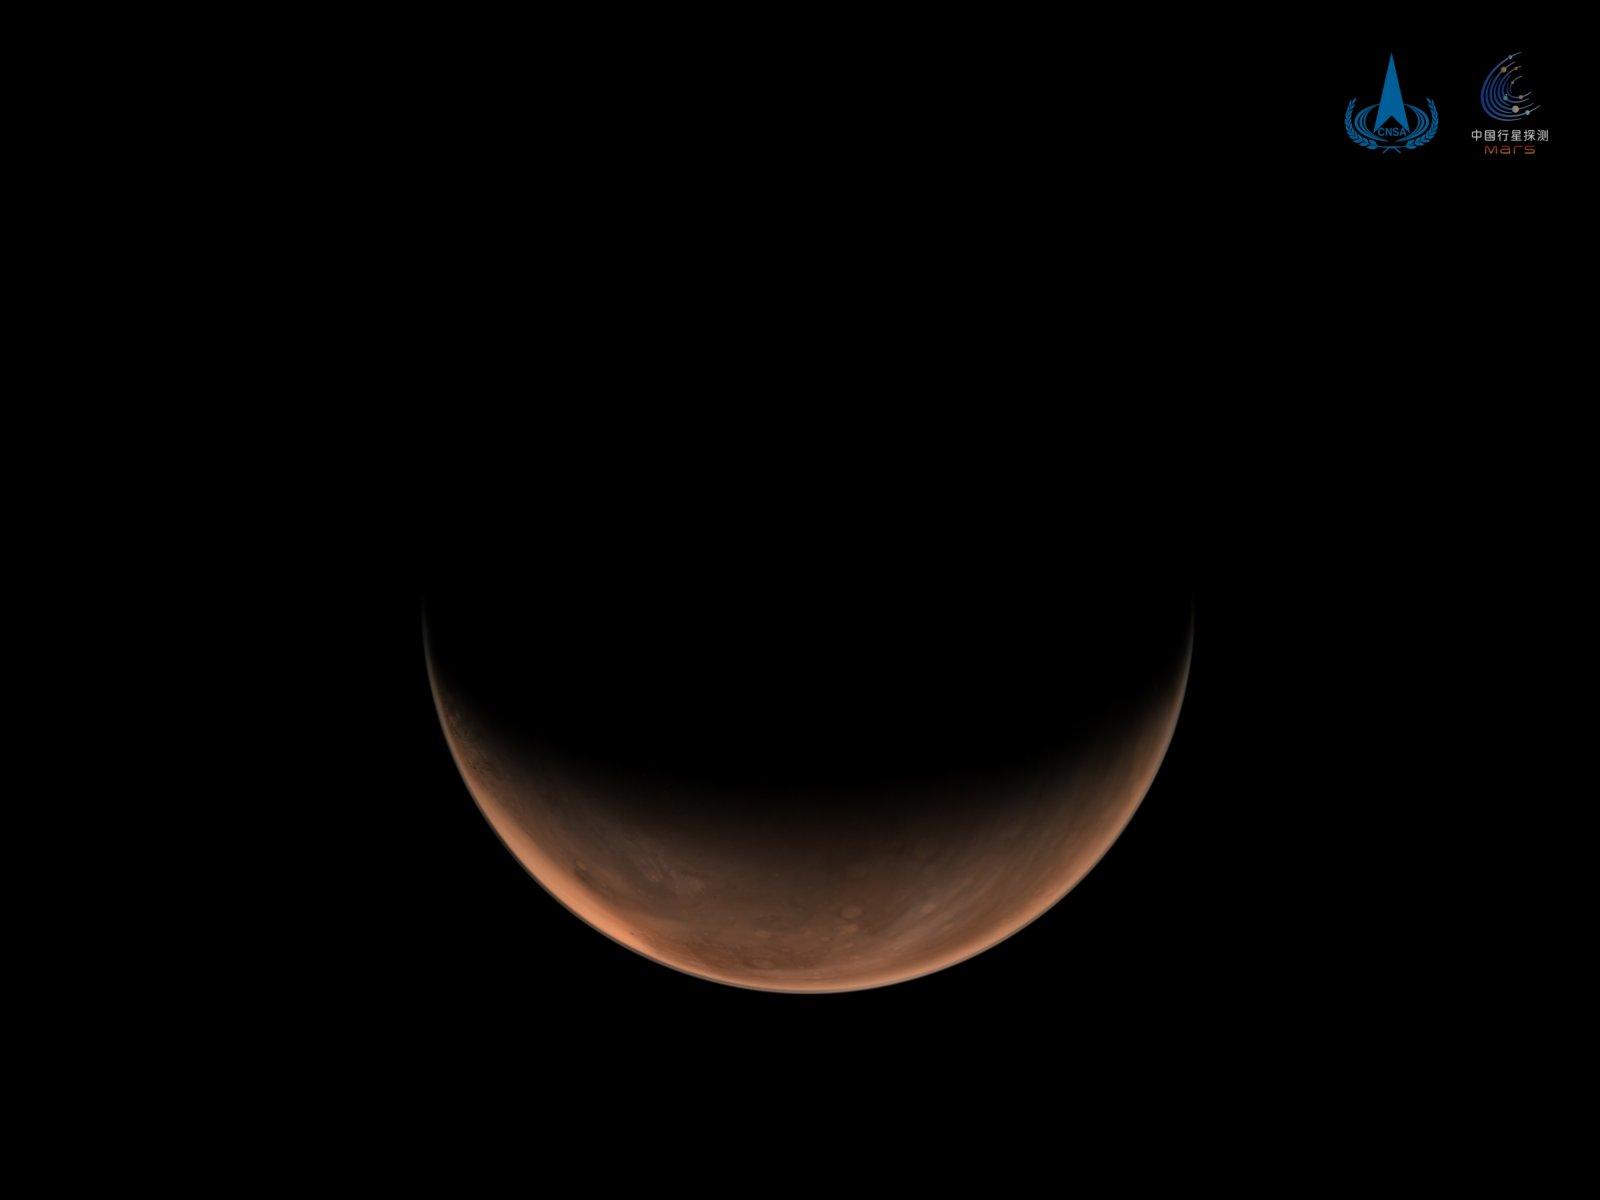 國家航天局發布天問一號拍攝火星側身影像